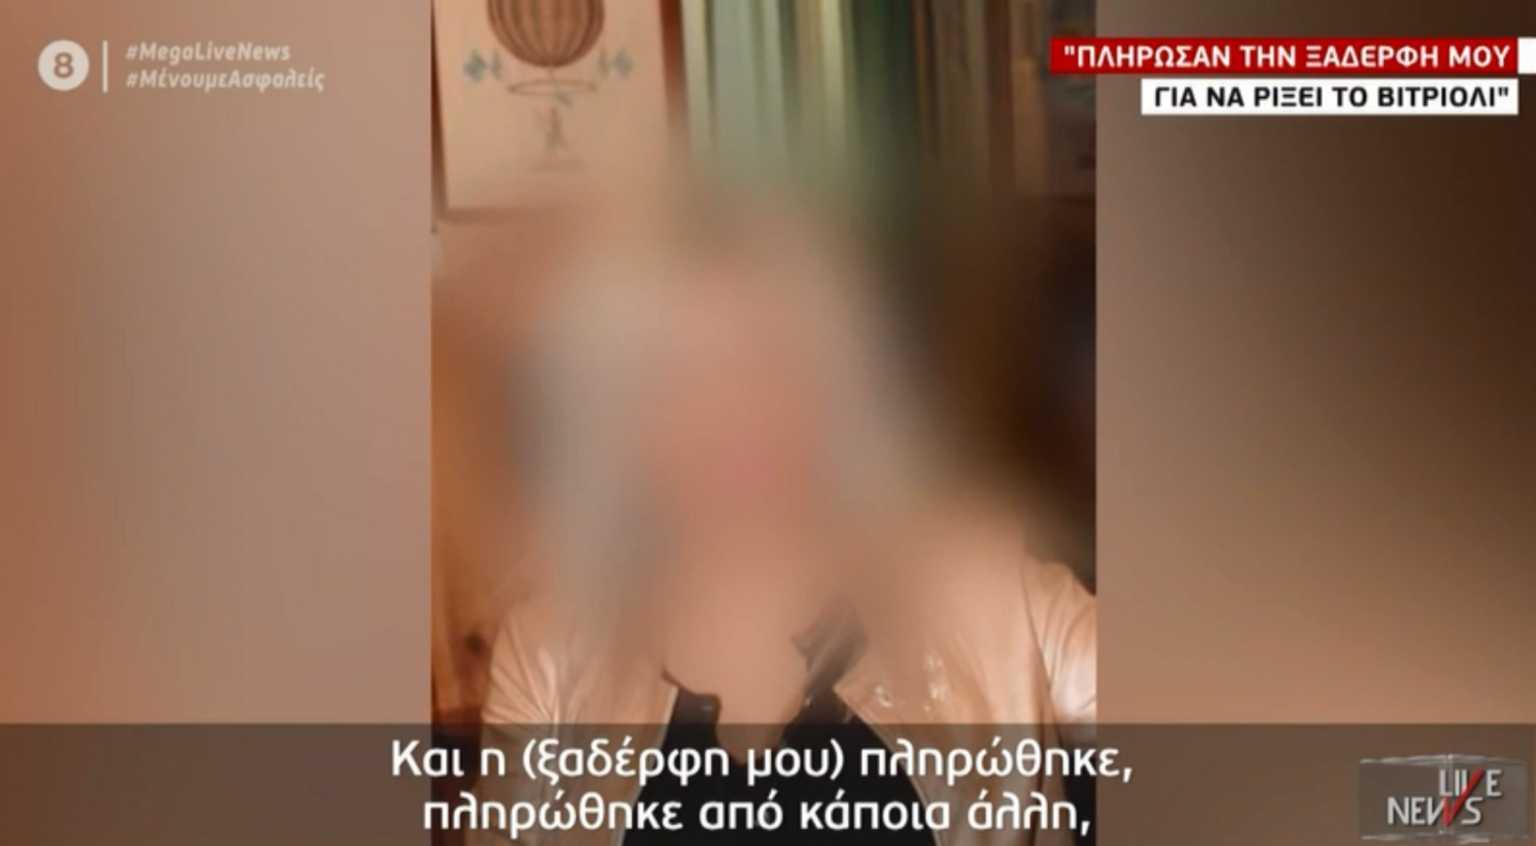 Καταγγελία «φωτιά» από συγγενή της 35χρονης στο Live News! «Την πλήρωσαν για να ρίξει το βιτριόλι»